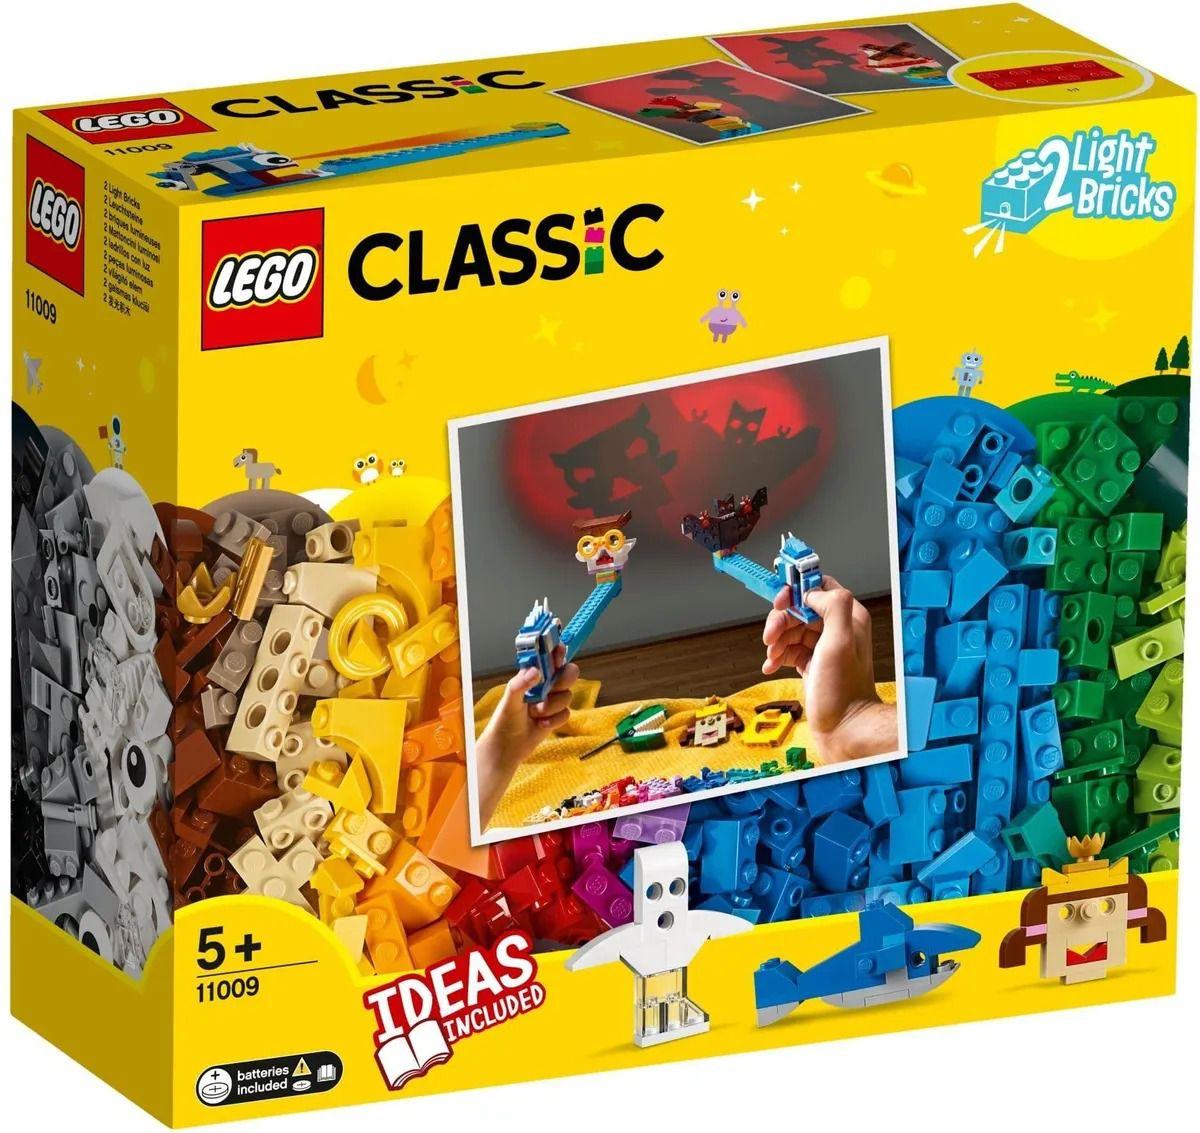 Lego 11009 Caixa Classic Pecas E Luzes - Com Luz e Ideias - 441 peças